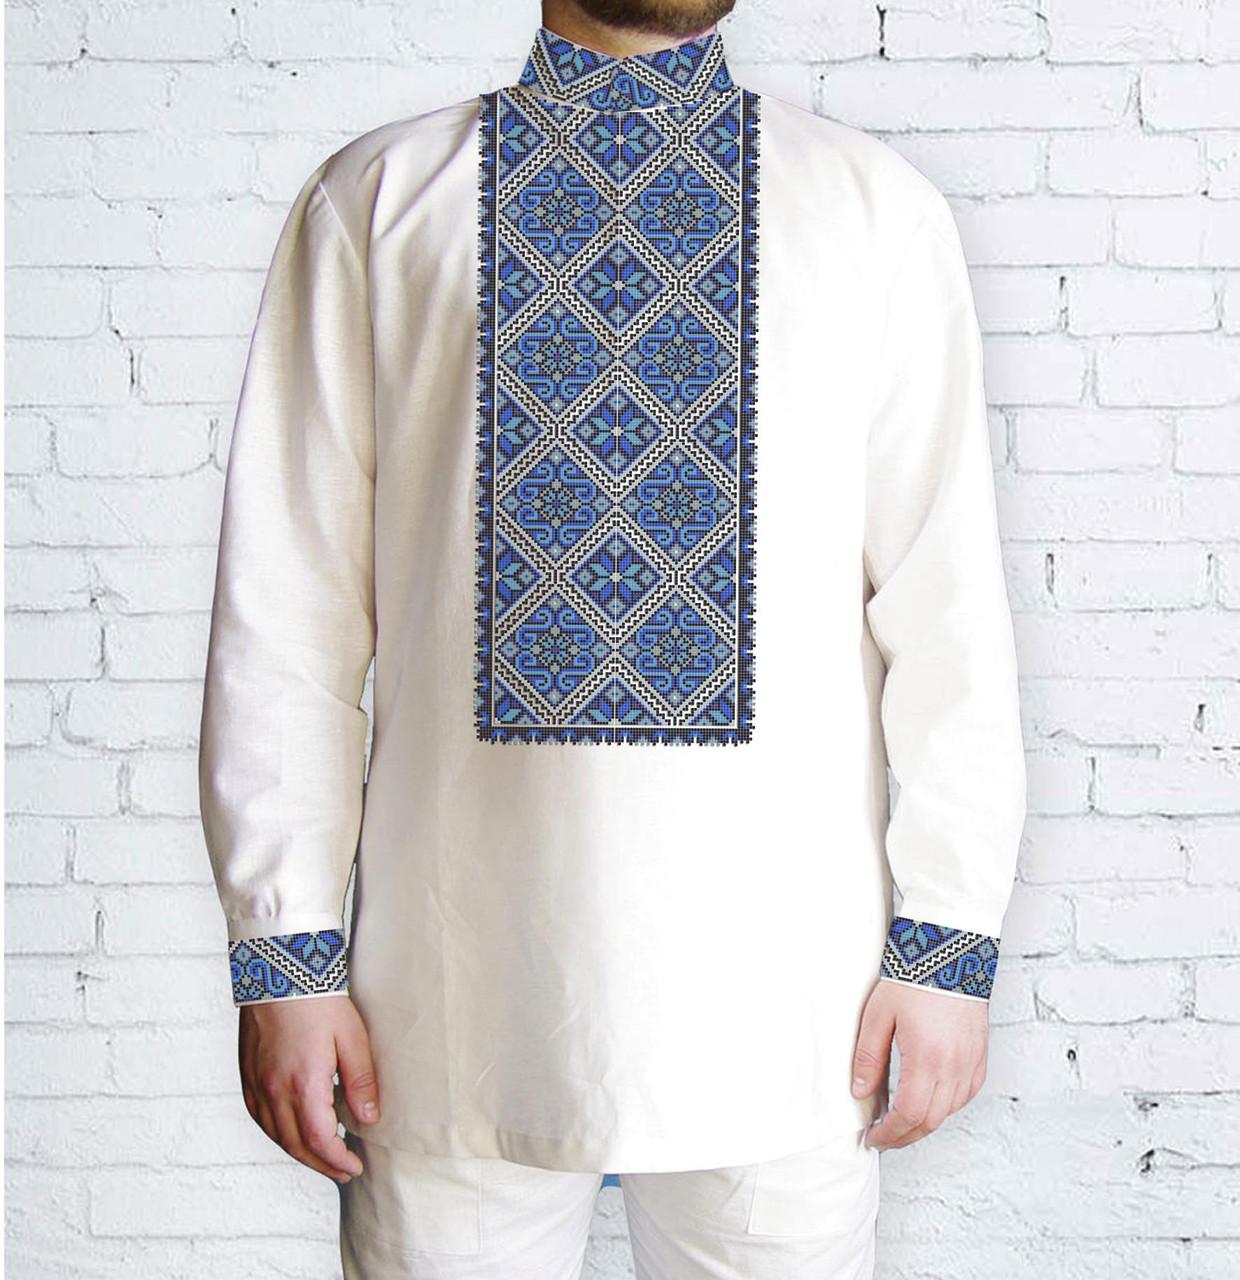 Заготовка мужской рубашки / вышиванки / сорочки для вышивки / вышивания бисером или нитками «Орнамент 528 Г»